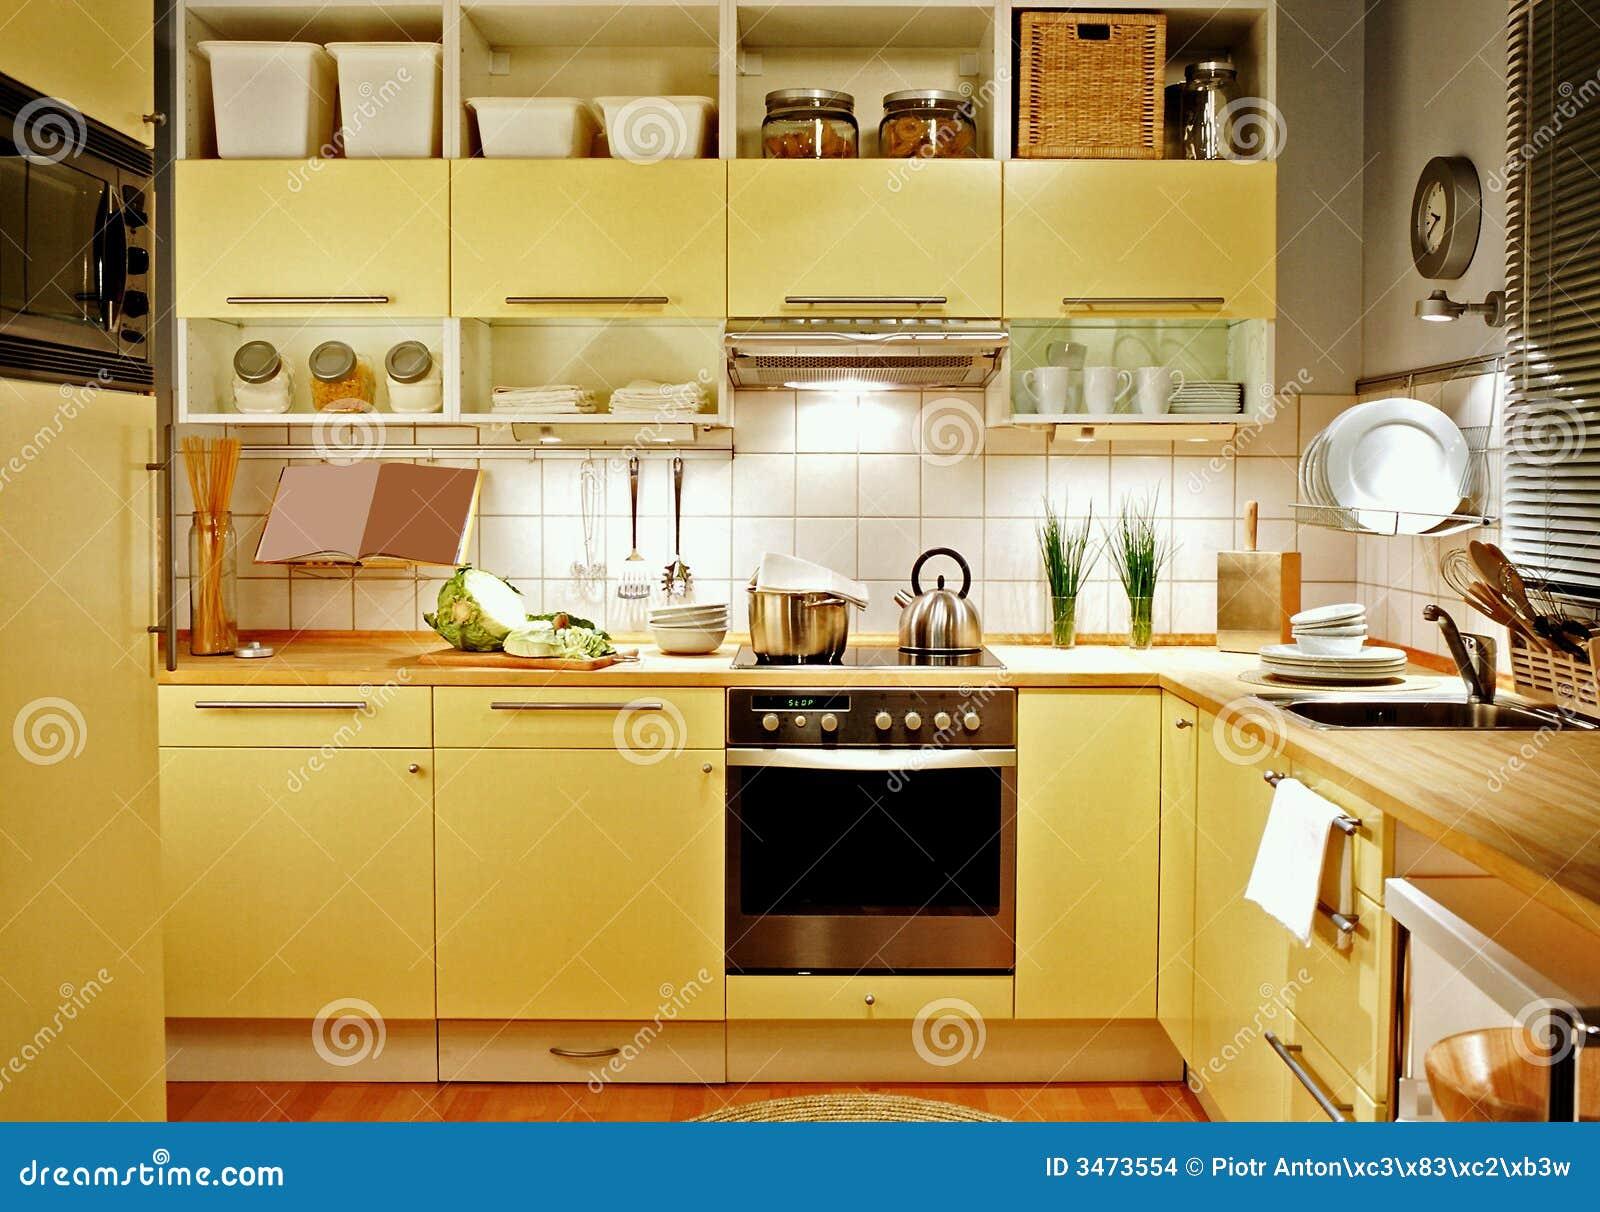 Cucina Gialla Immagini Stock - Immagine: 3473554